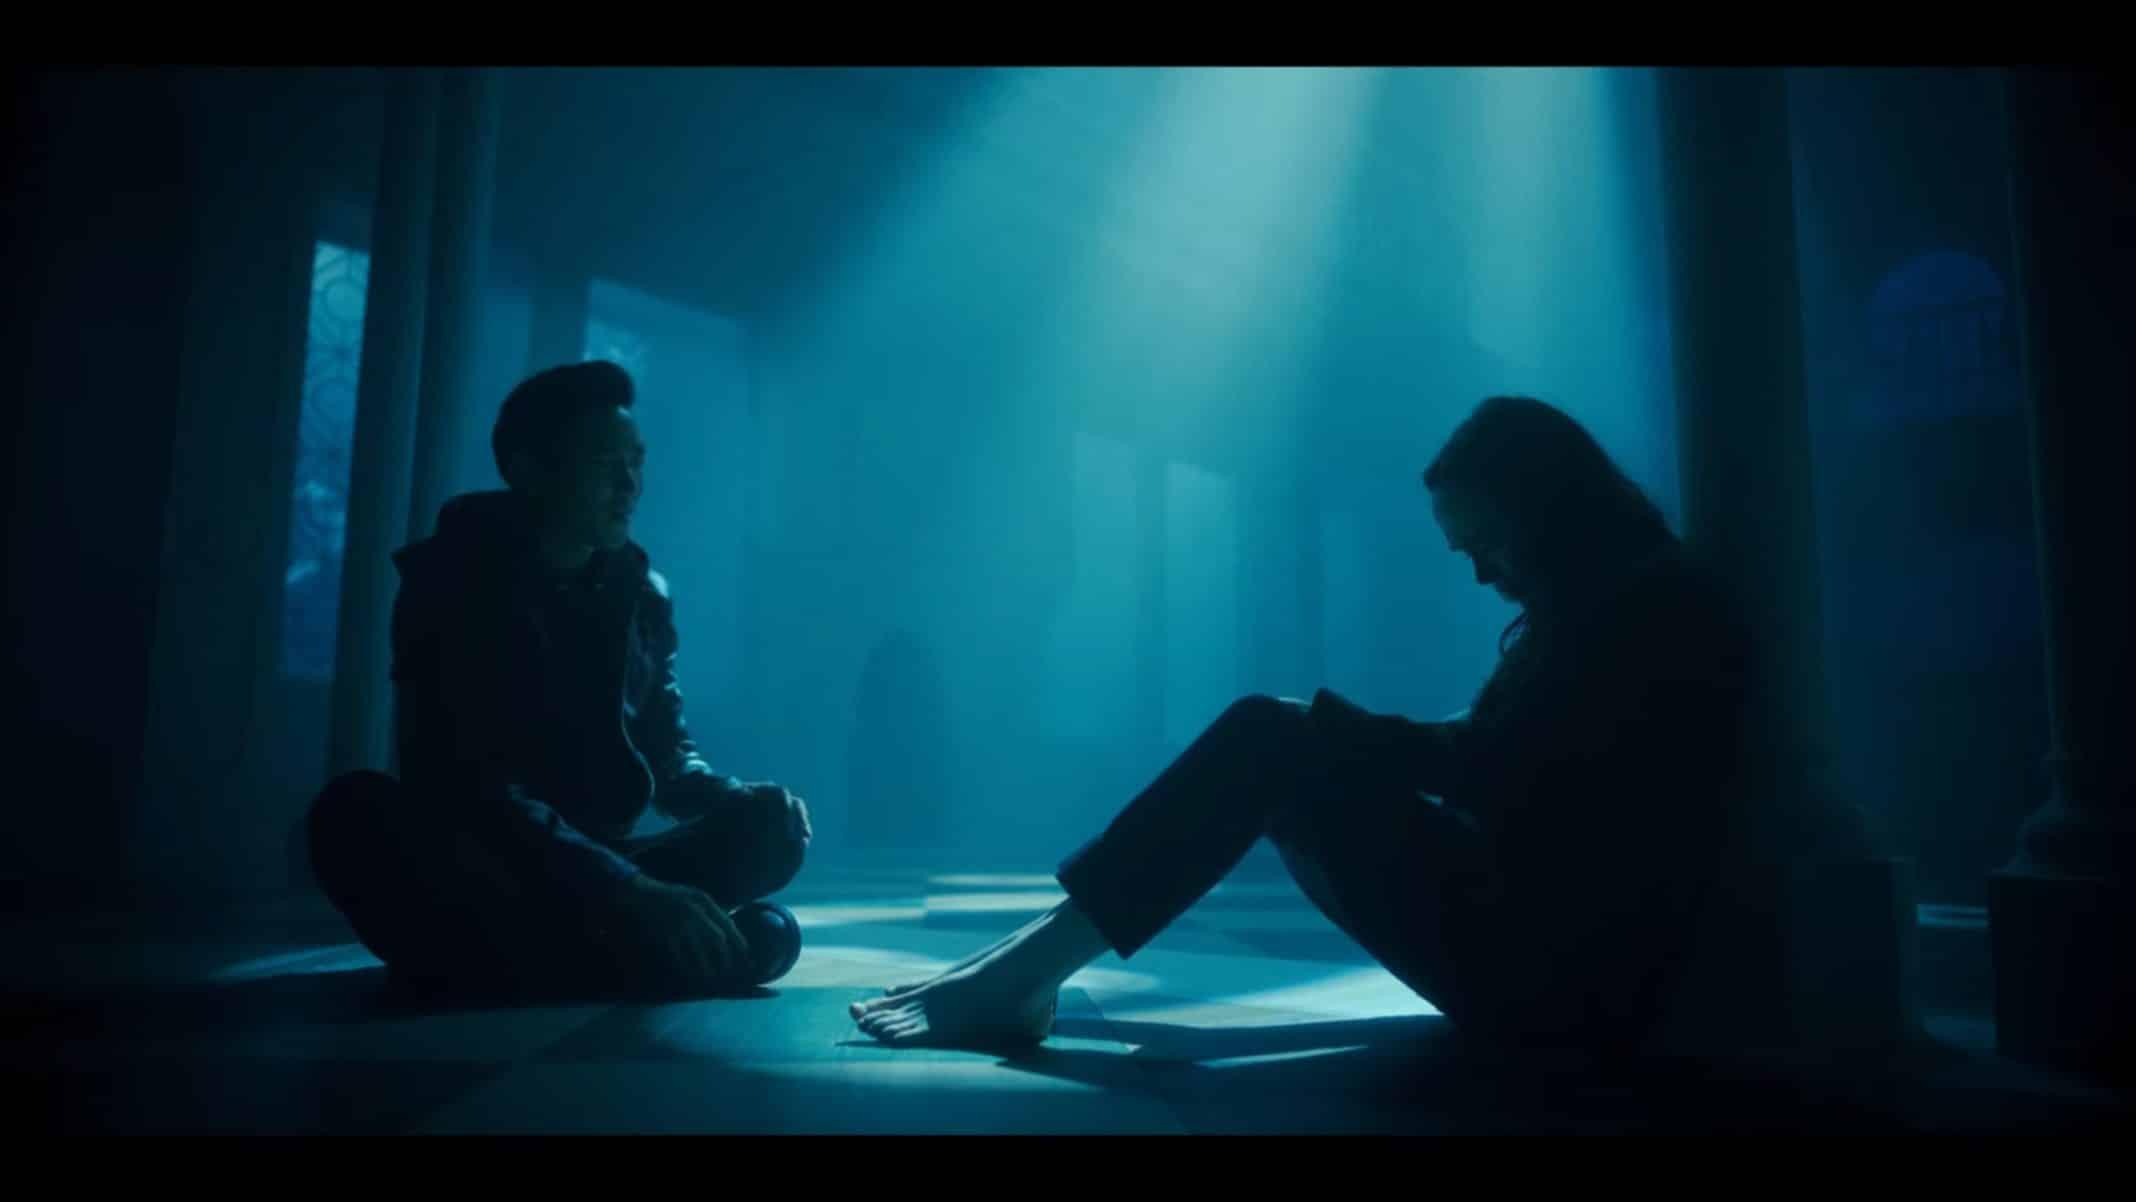 Ben and Vanya talking in her subconscious.